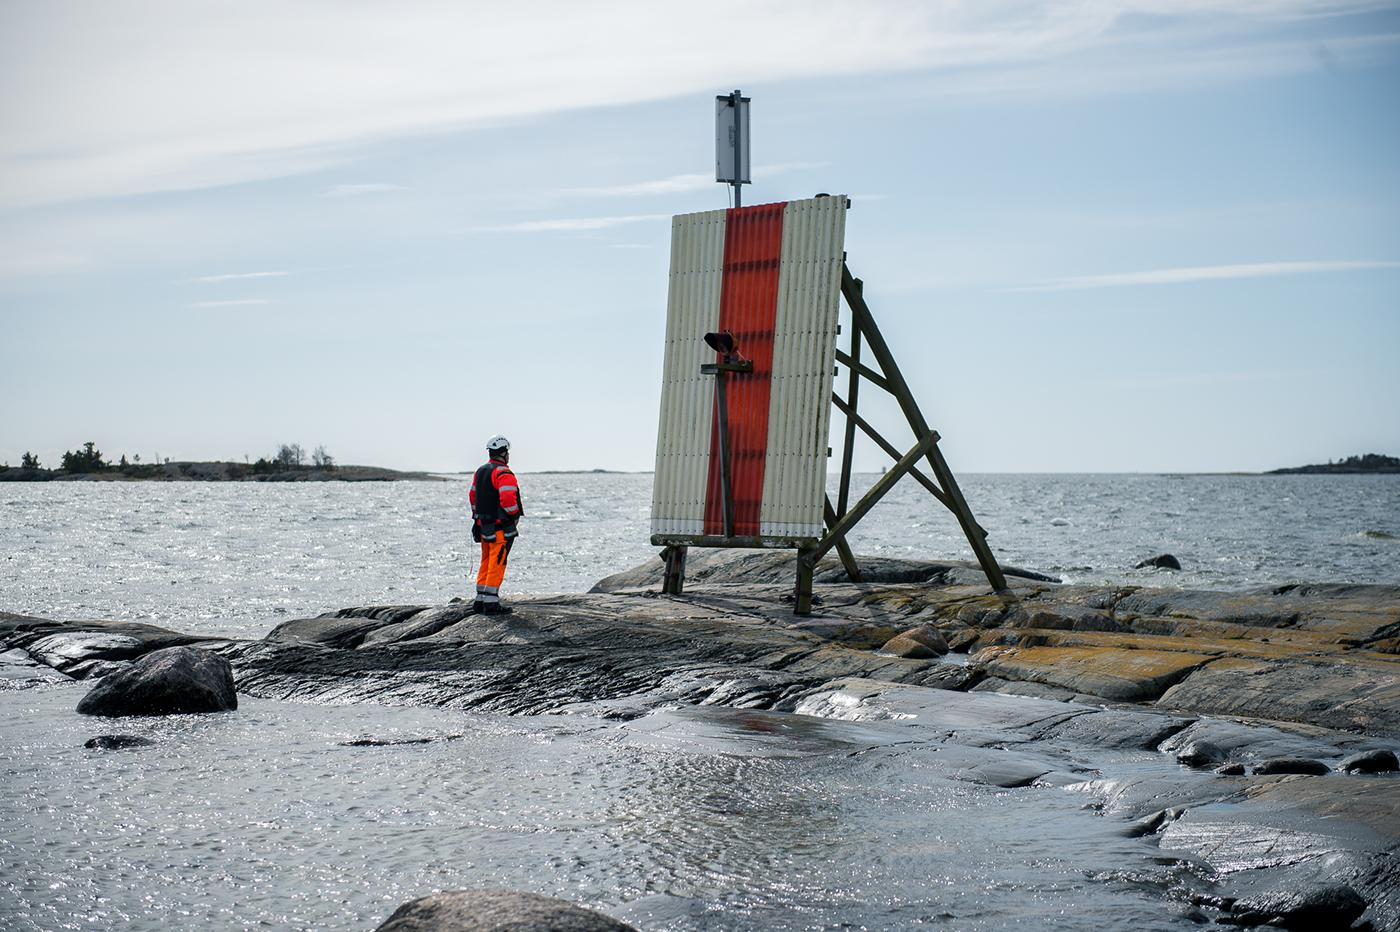 Waterways maintenance finland standing man worker